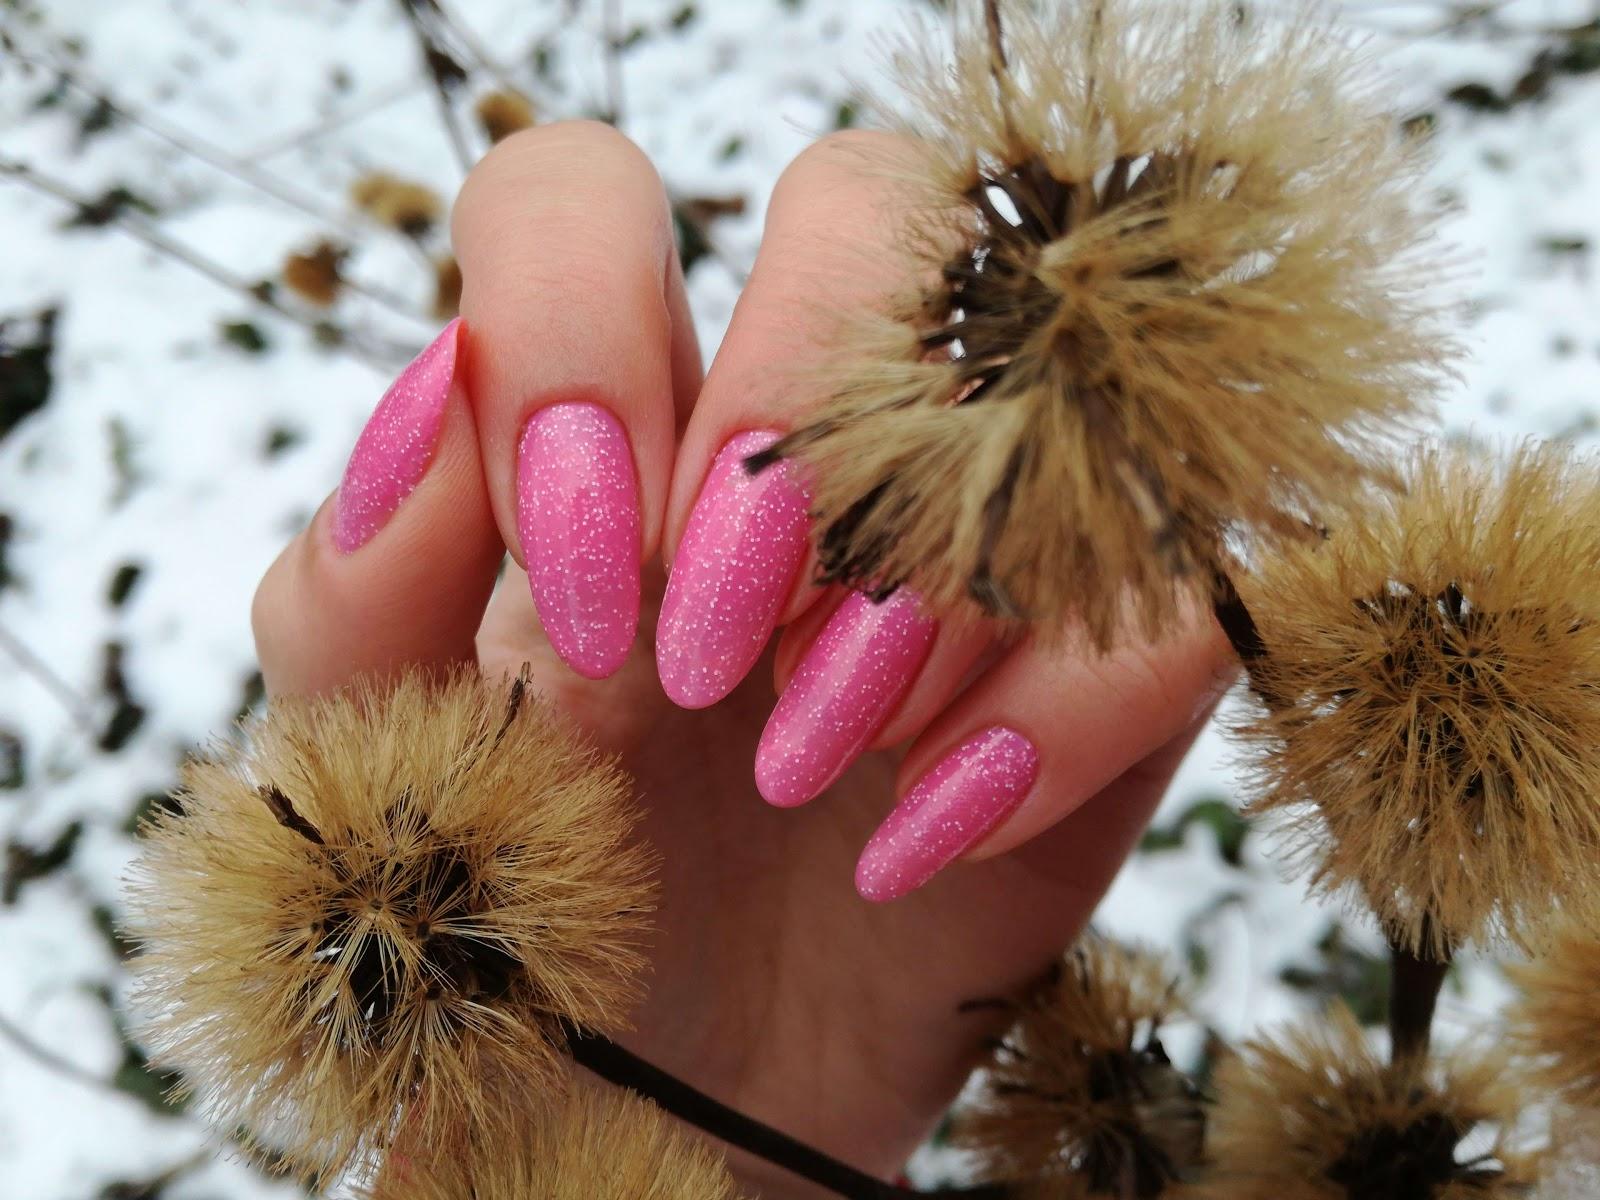 paznokcie na łonie natury